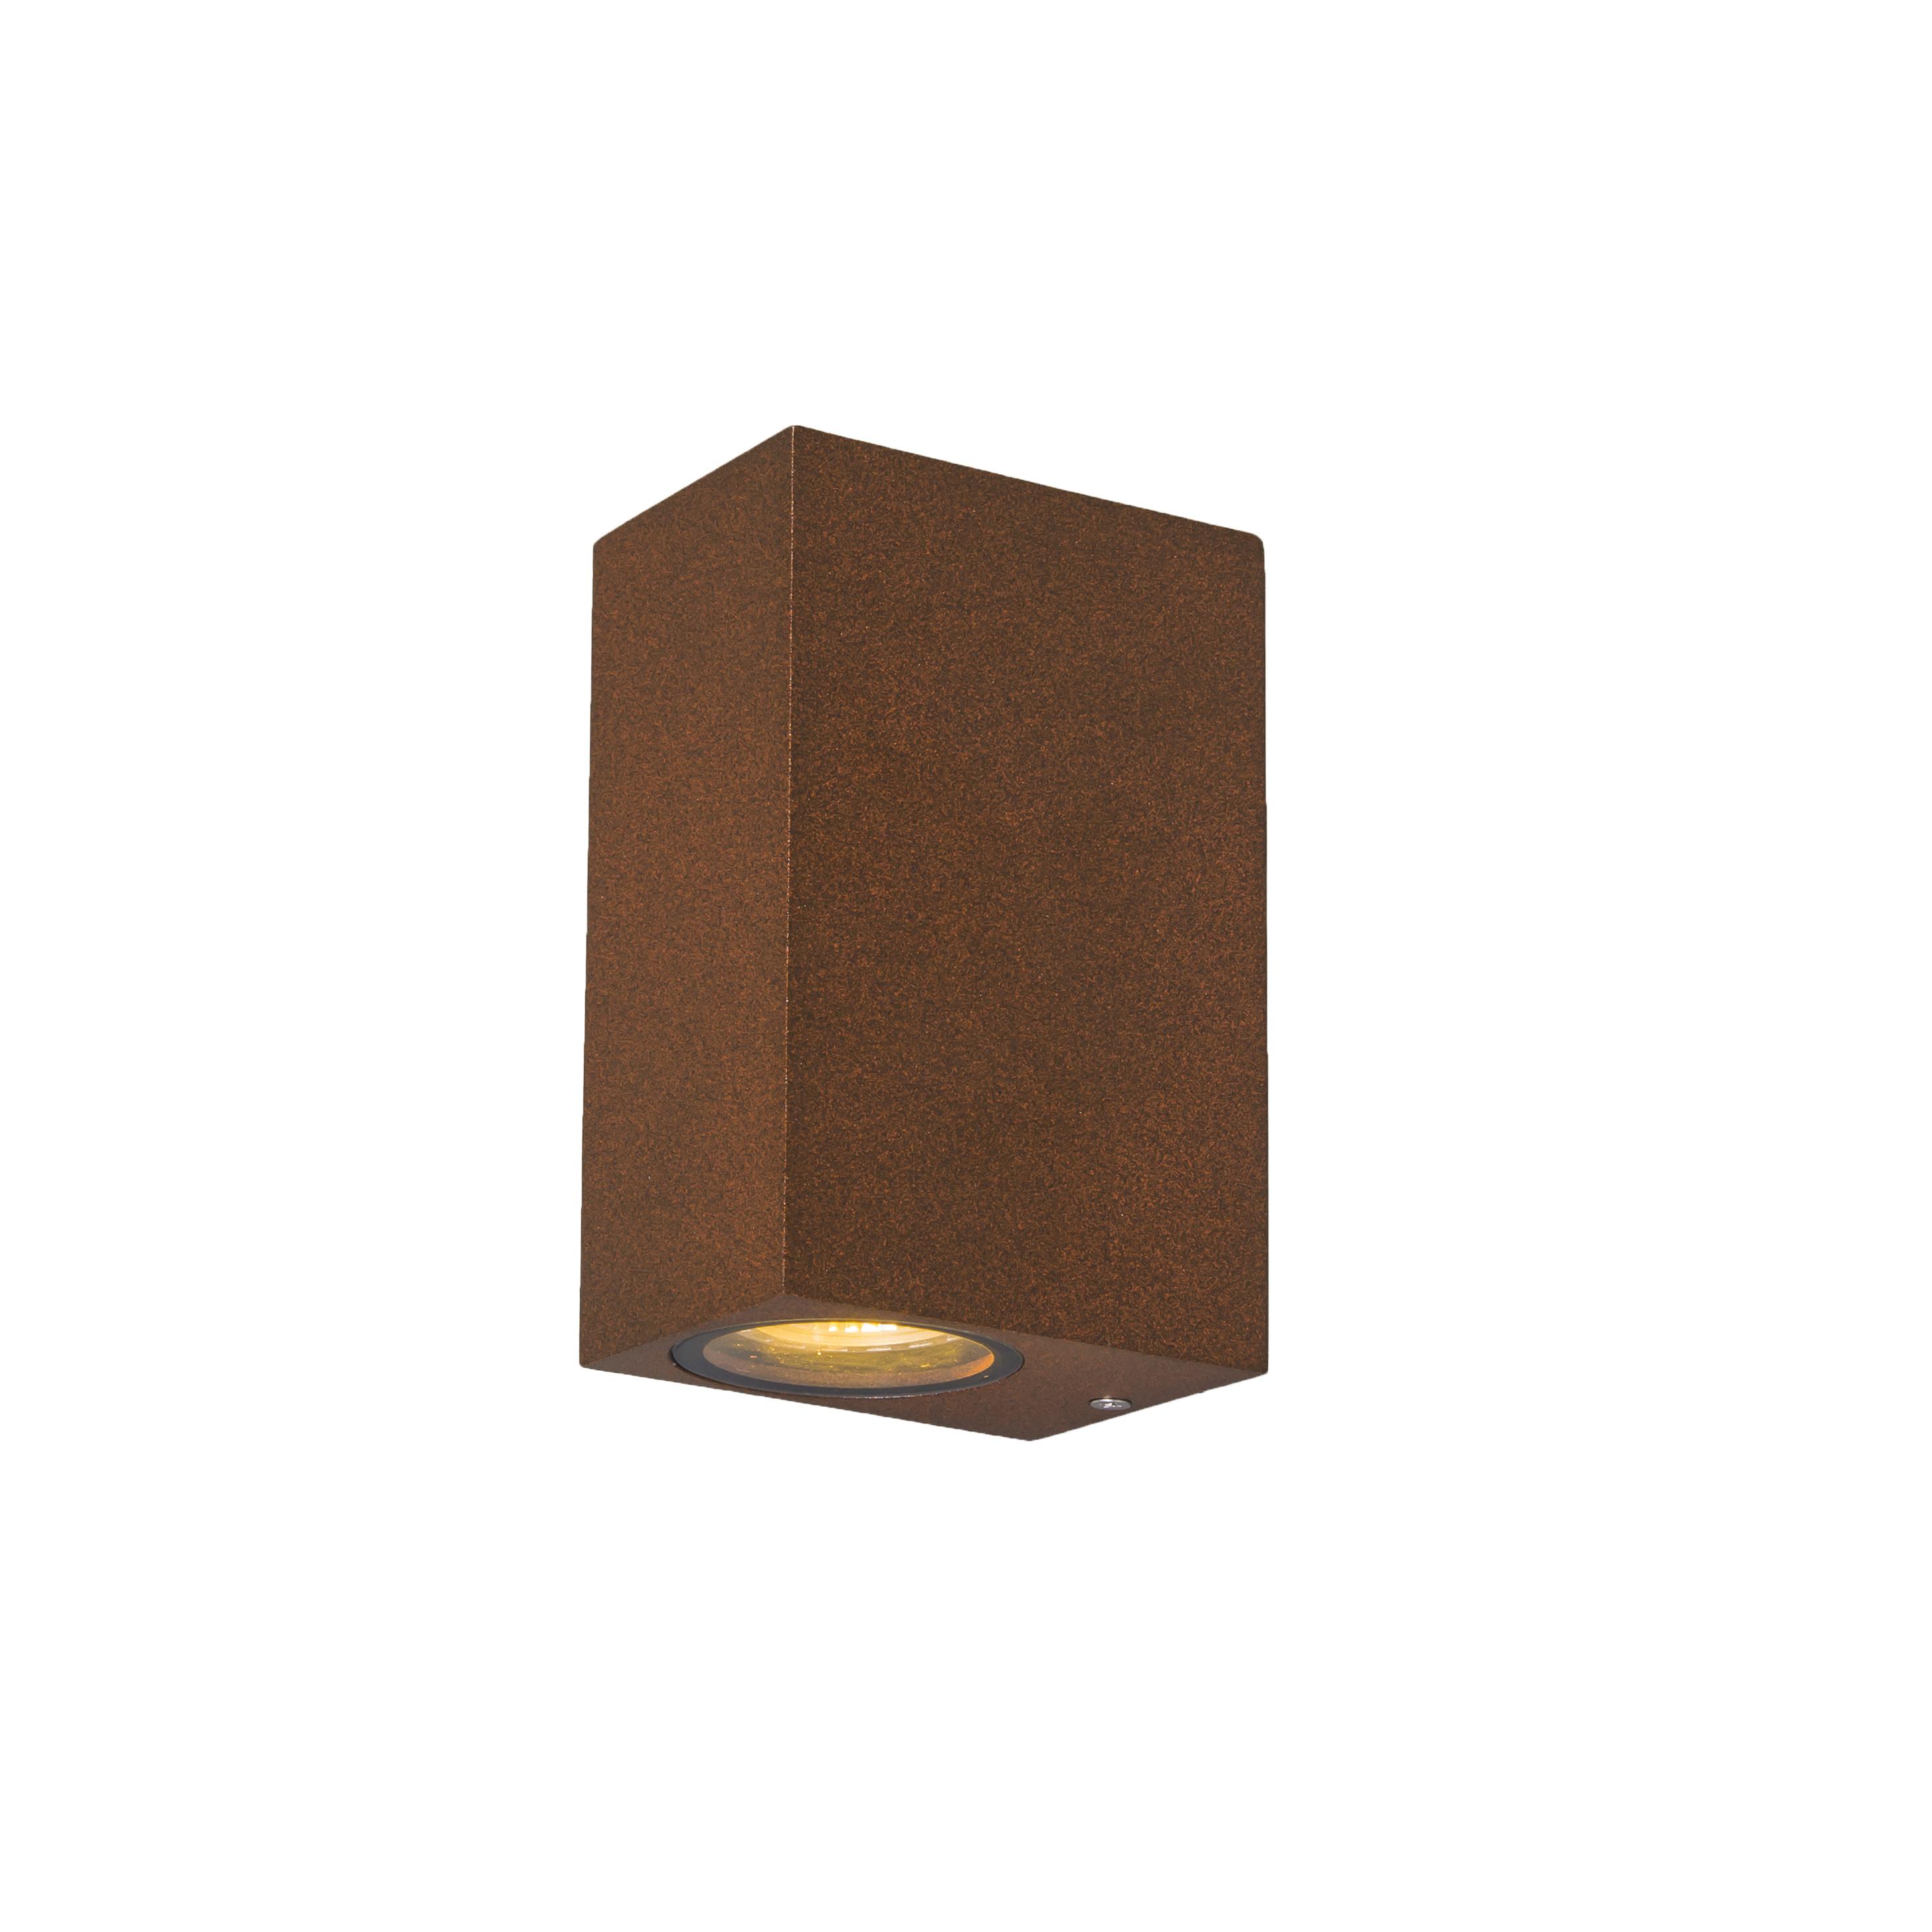 Wandlamp Baleno II roestbruin